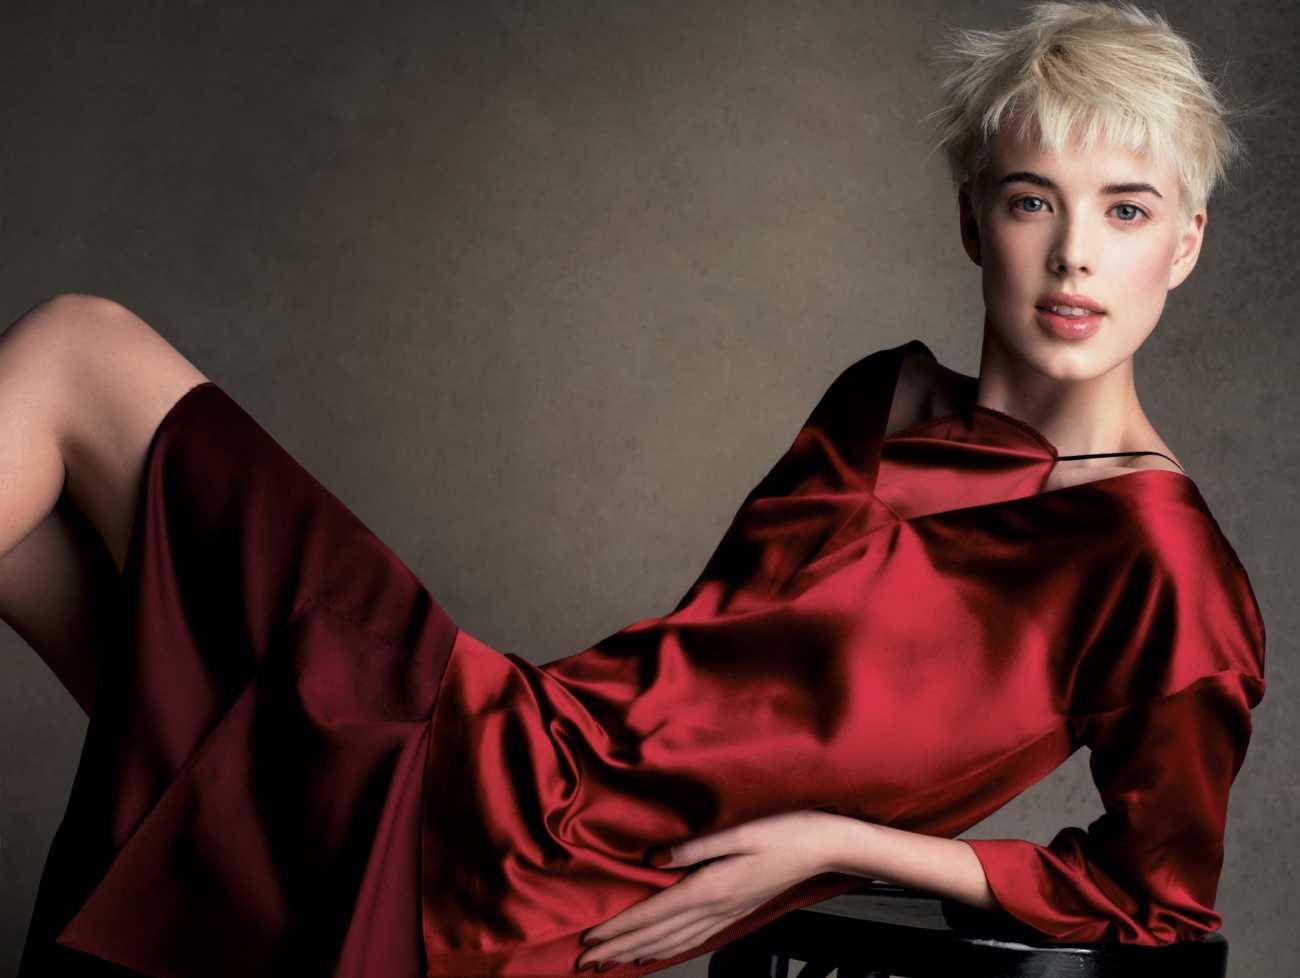 Смотреть Агнесс Дейн биография и лучшие фото модели видео